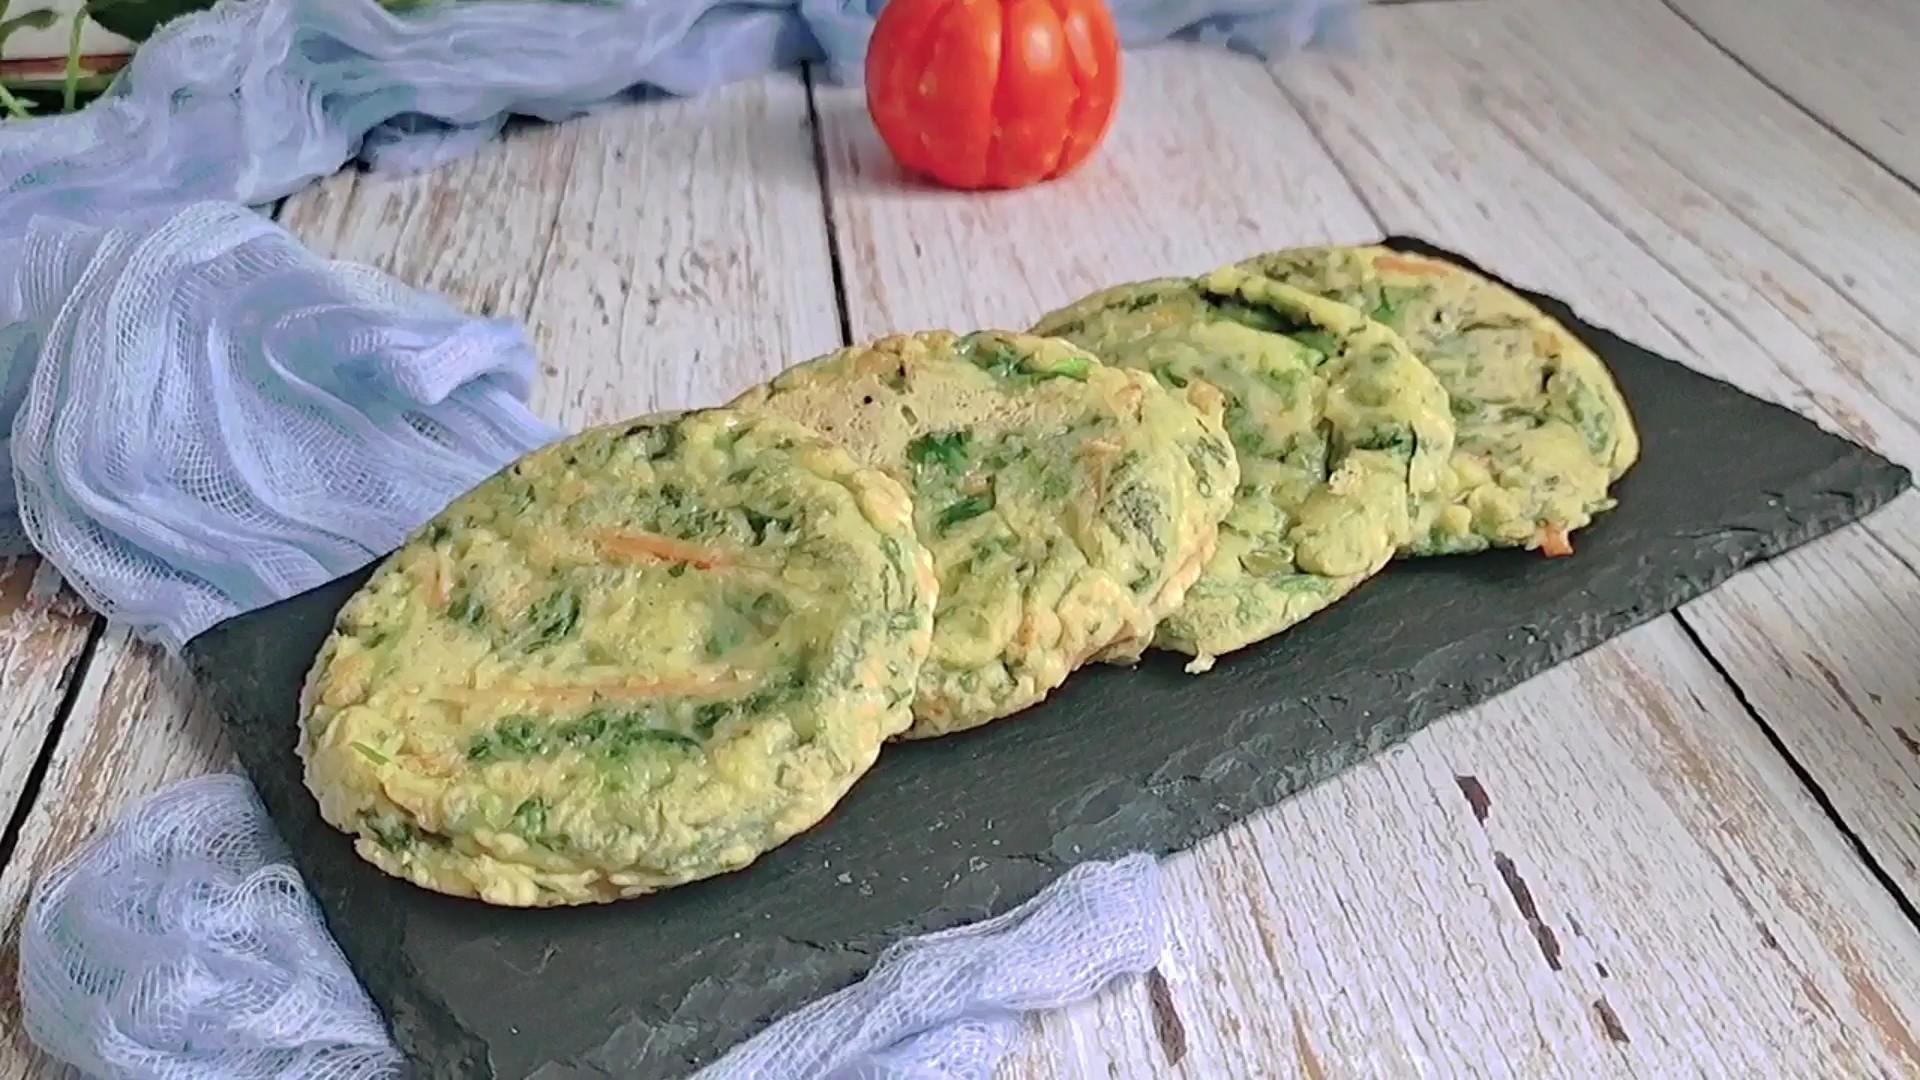 芹菜叶别在扔掉了,这样吃秒变营养快手早餐…芹菜叶鸡蛋饼